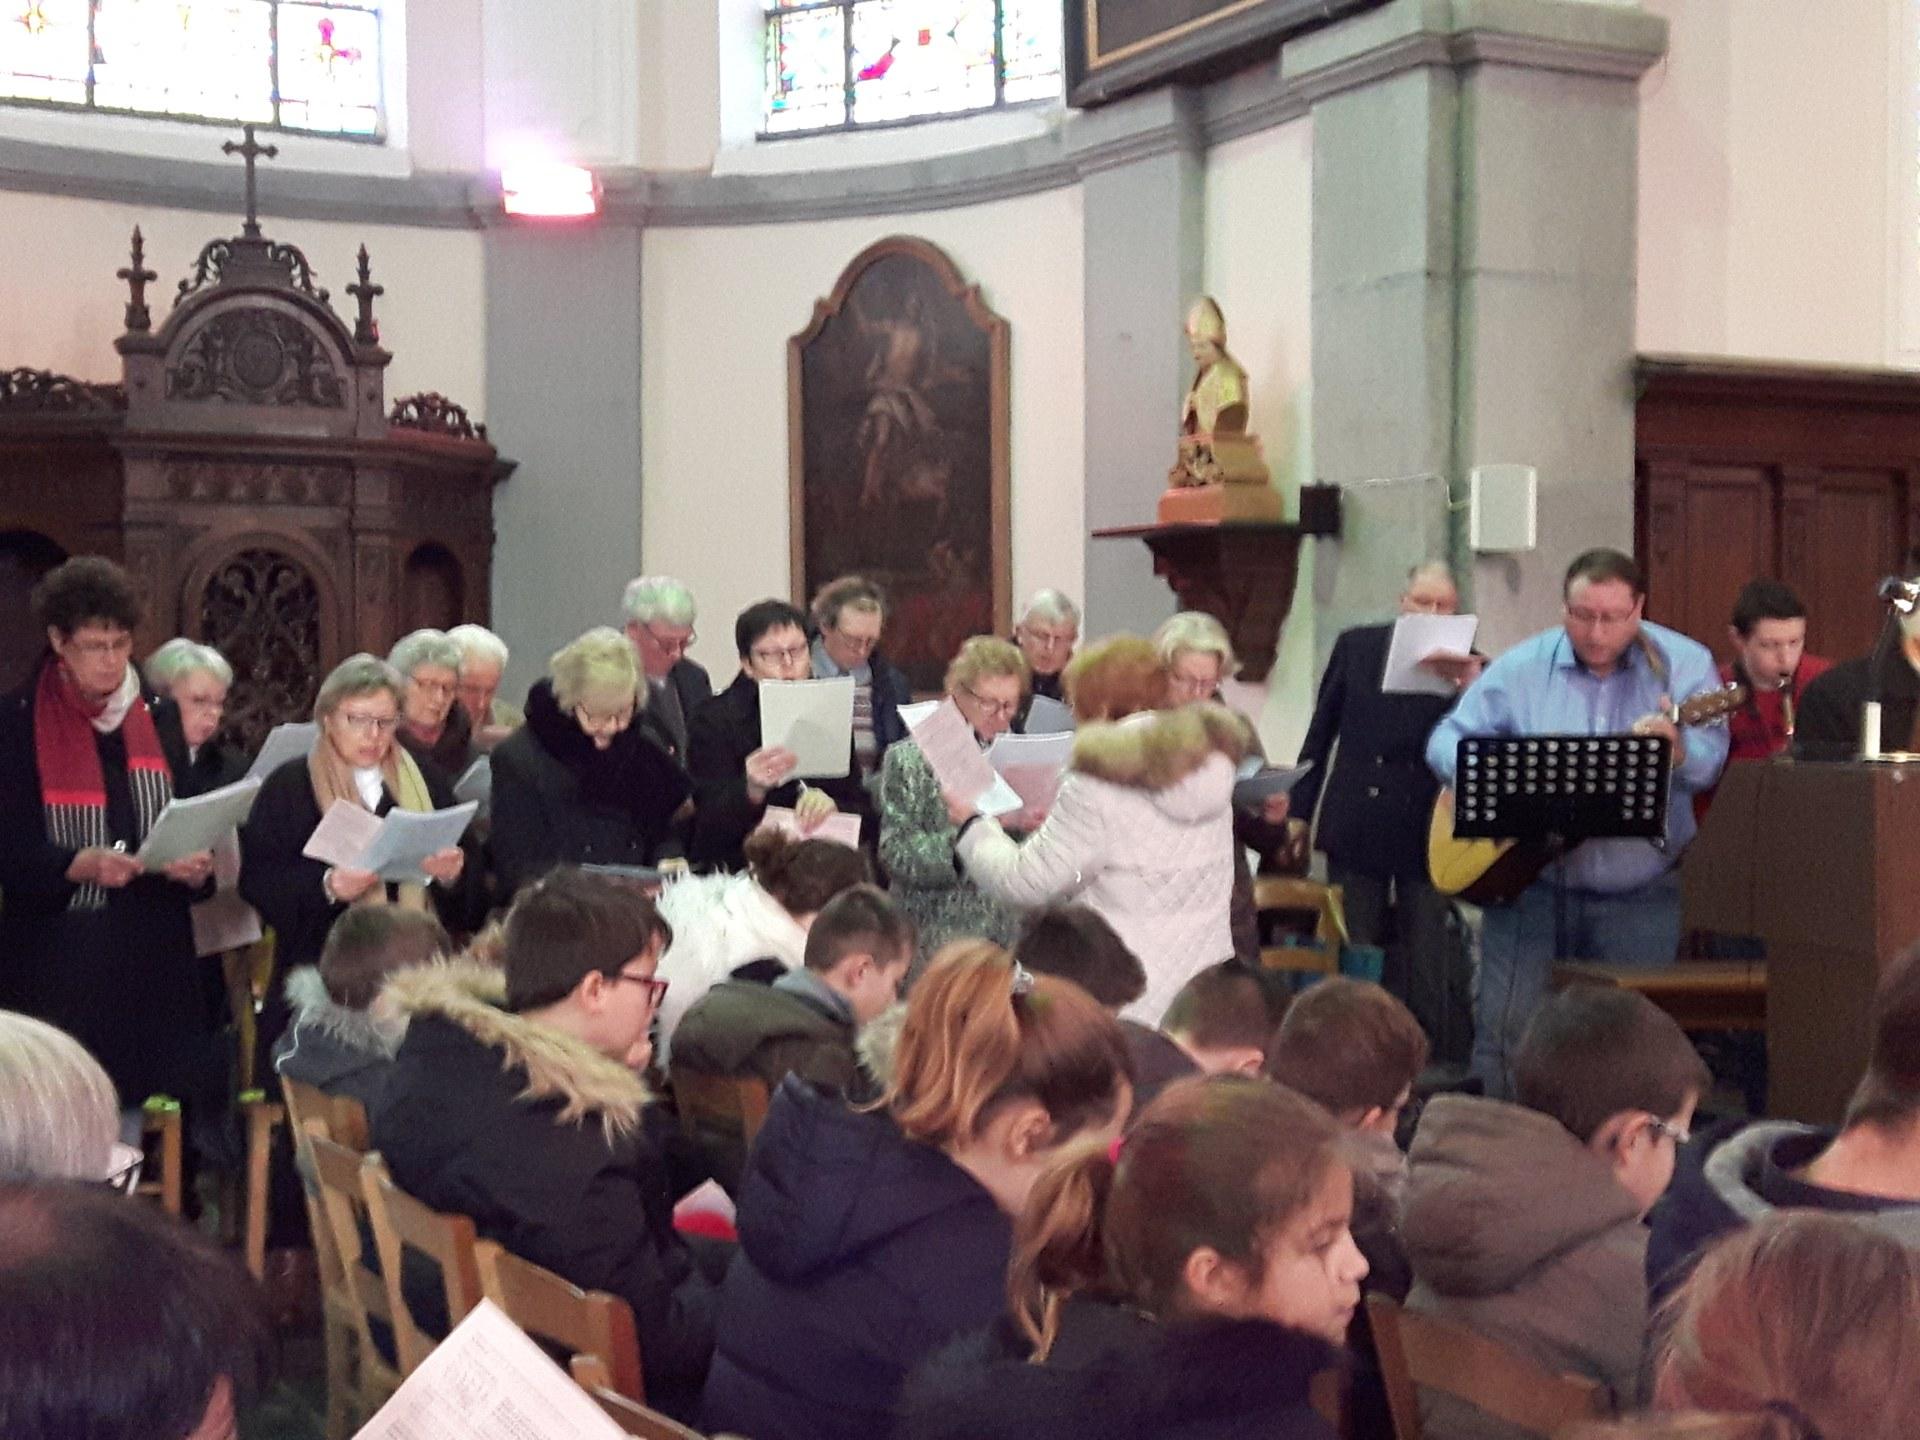 chorale et musiciens accompagnent pour les chants